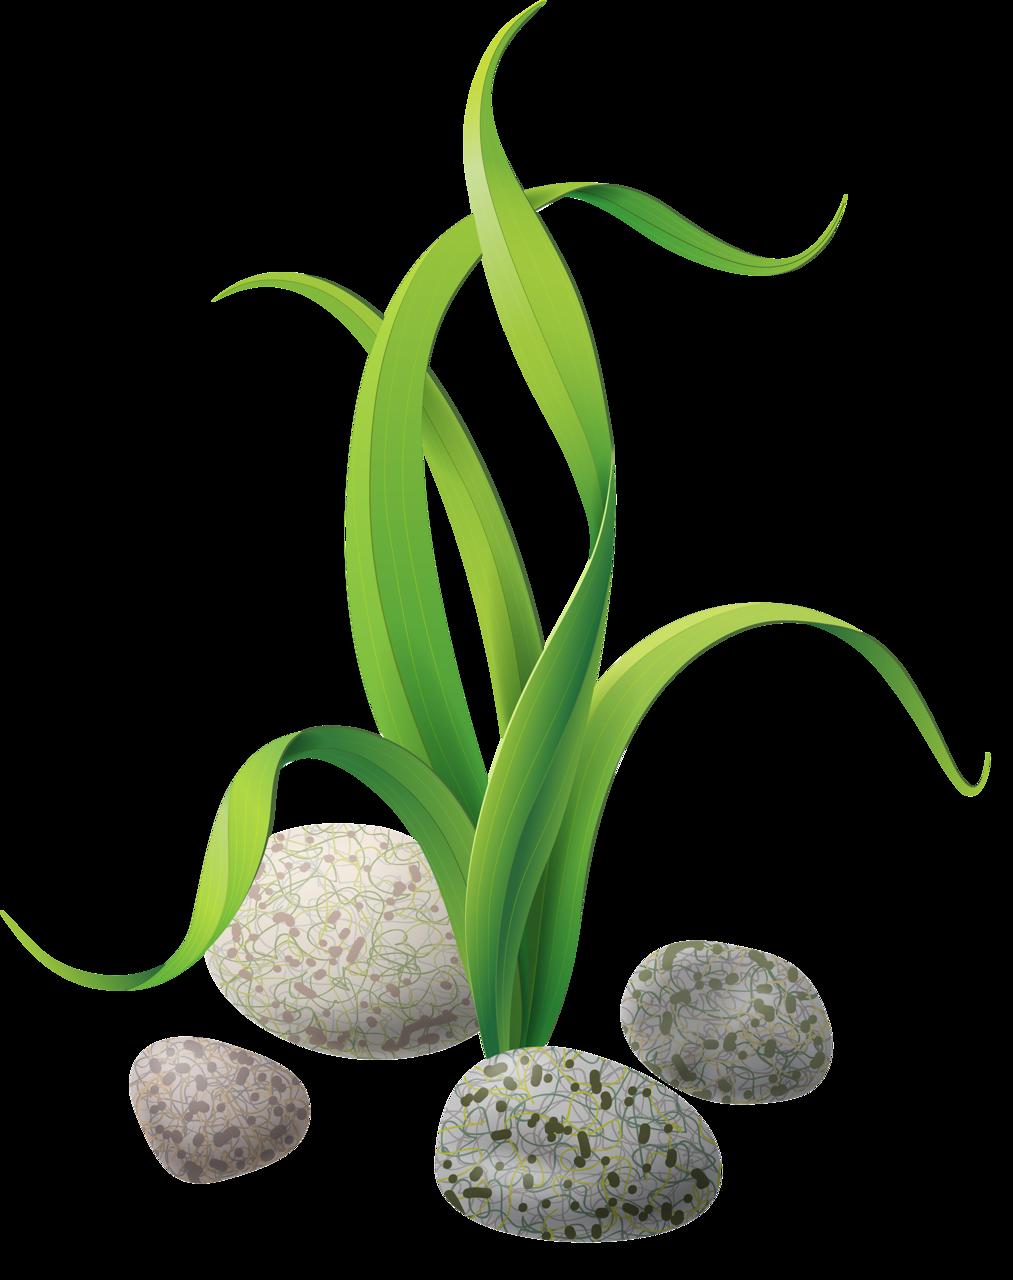 Seaweed clip art stones. Algae clipart transparent background